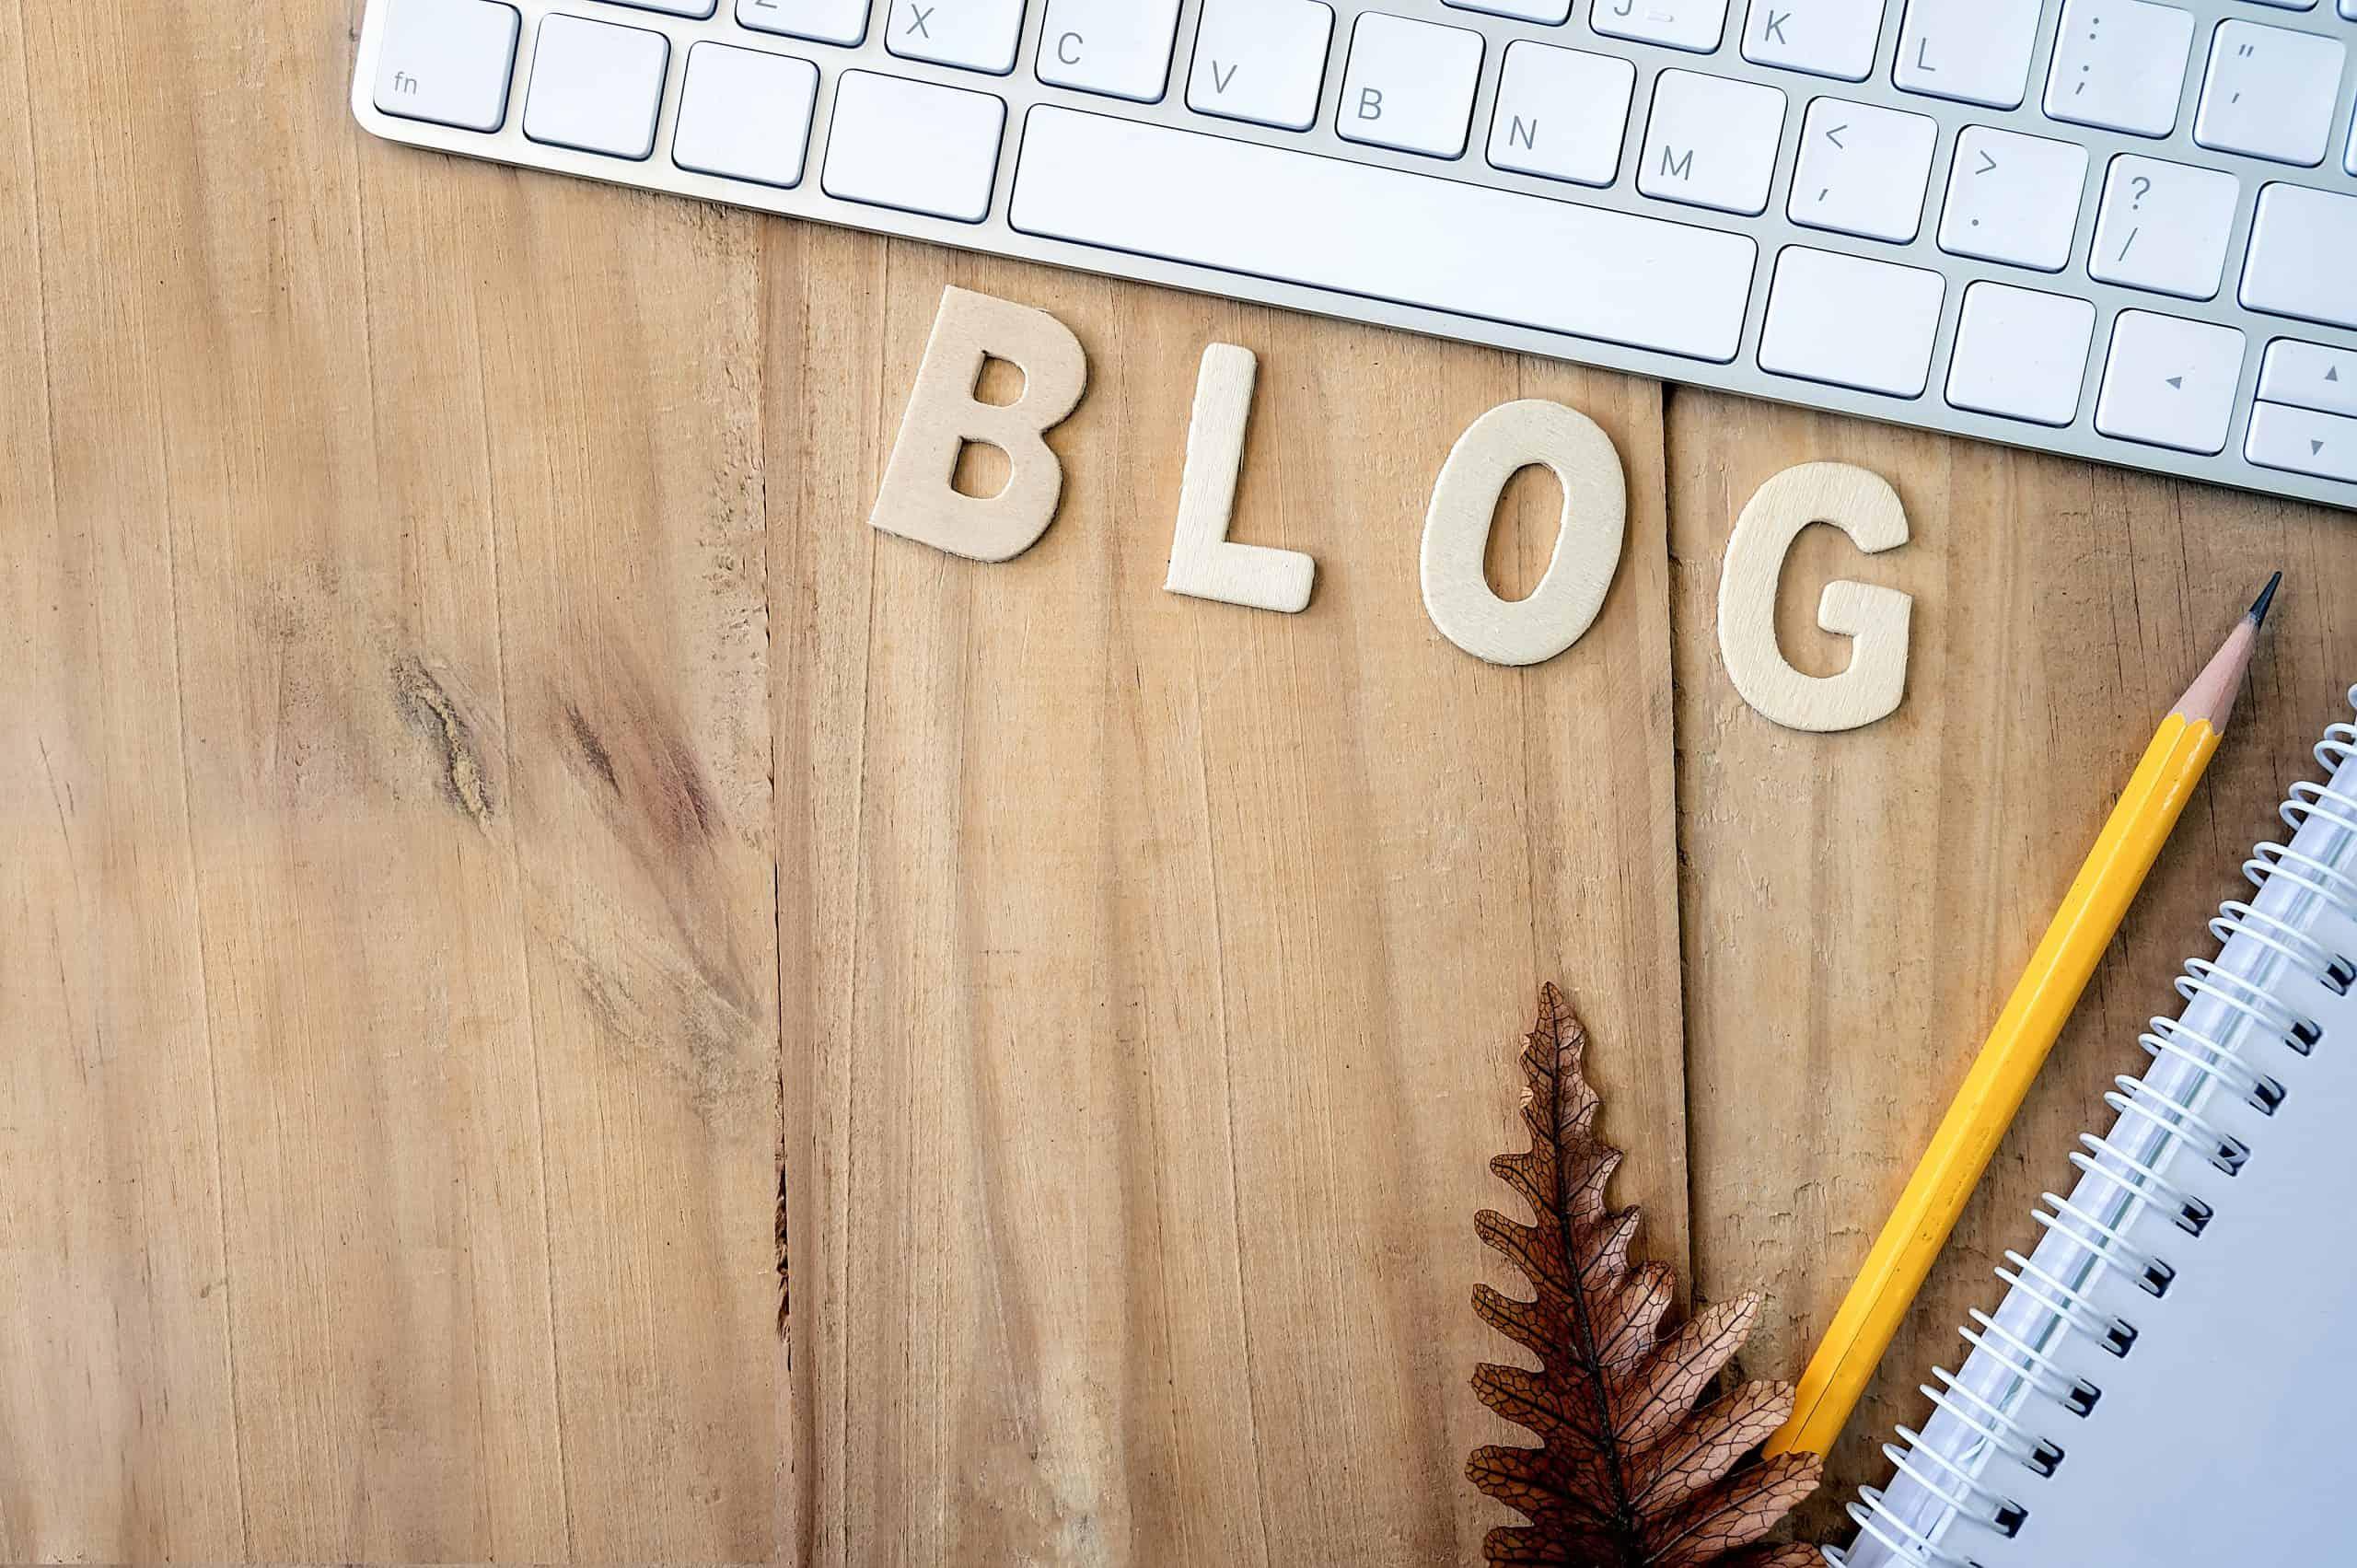 Co to jest blog i czym różni się od strony internetowej?